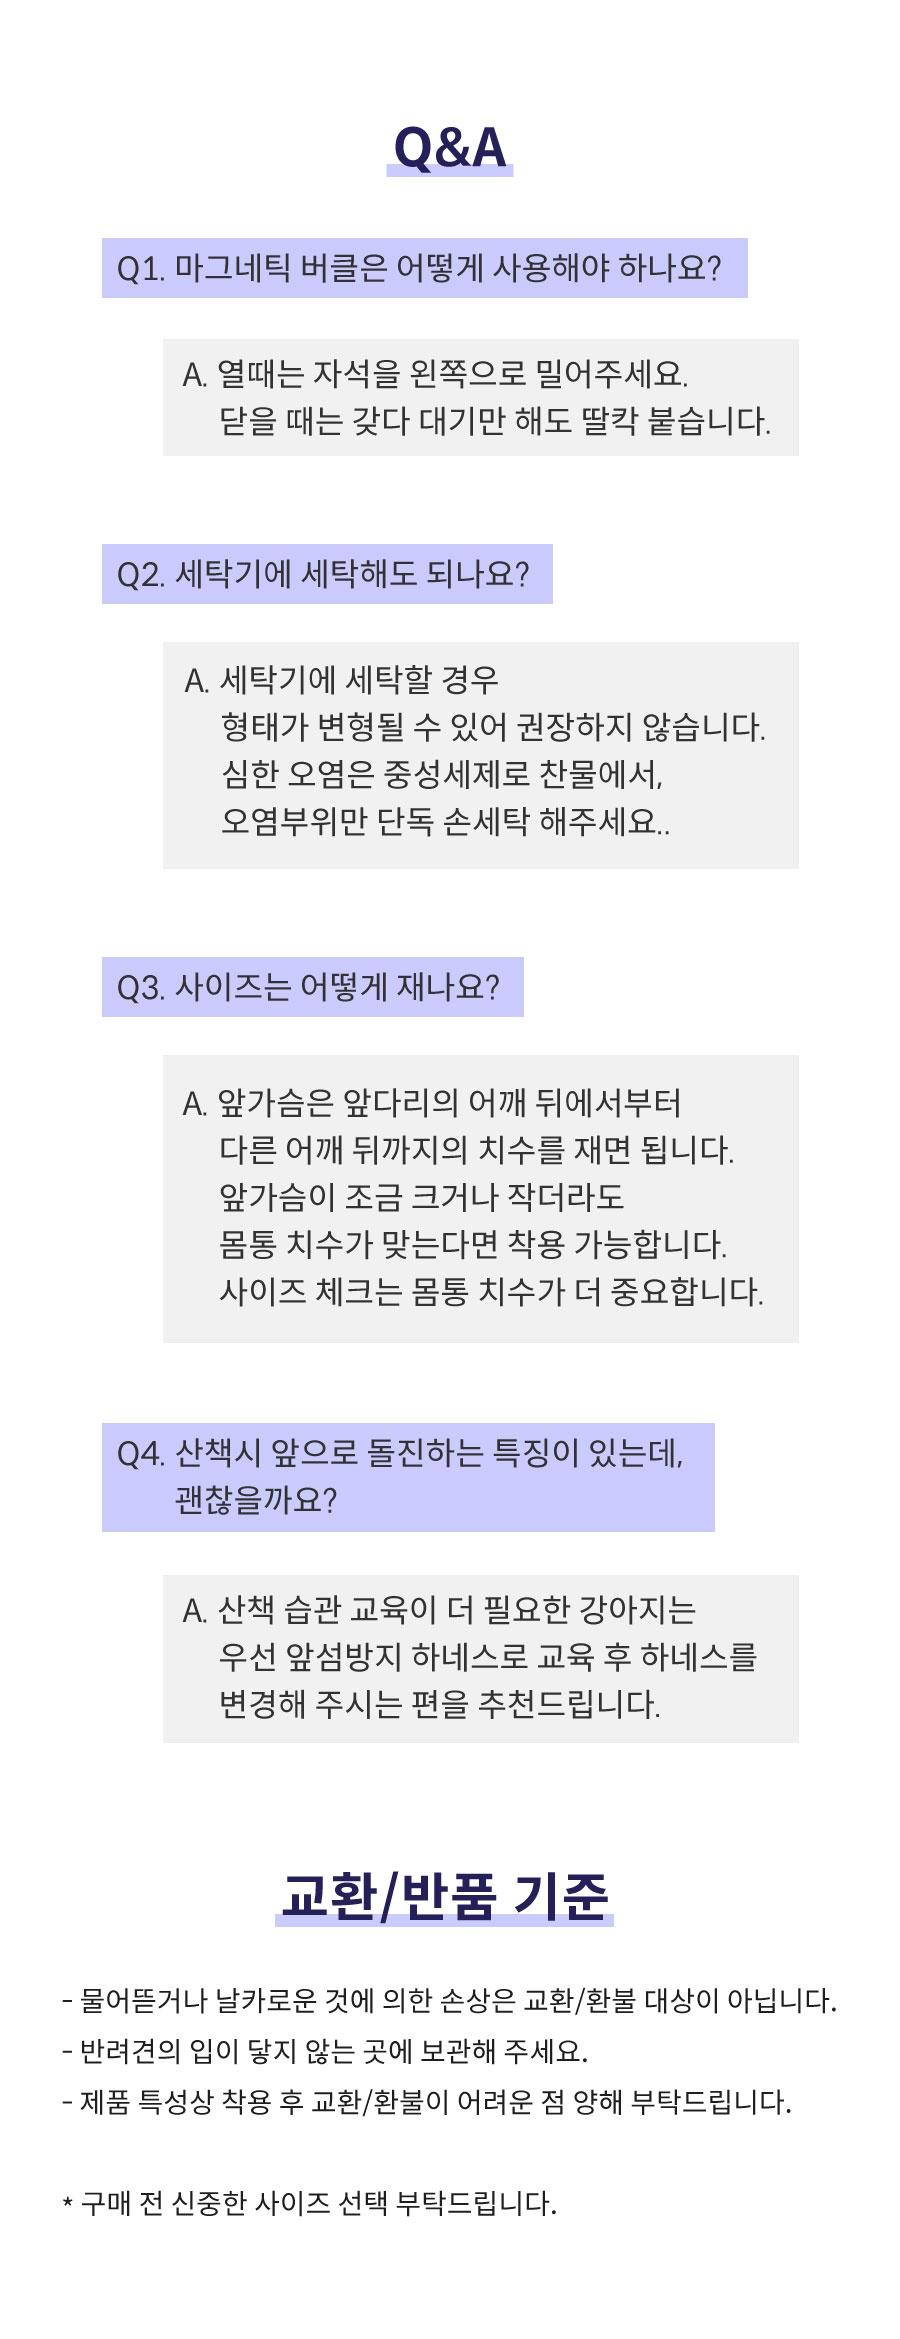 닥터설 딸칵하네스&길이조절 리쉬-상품이미지-35